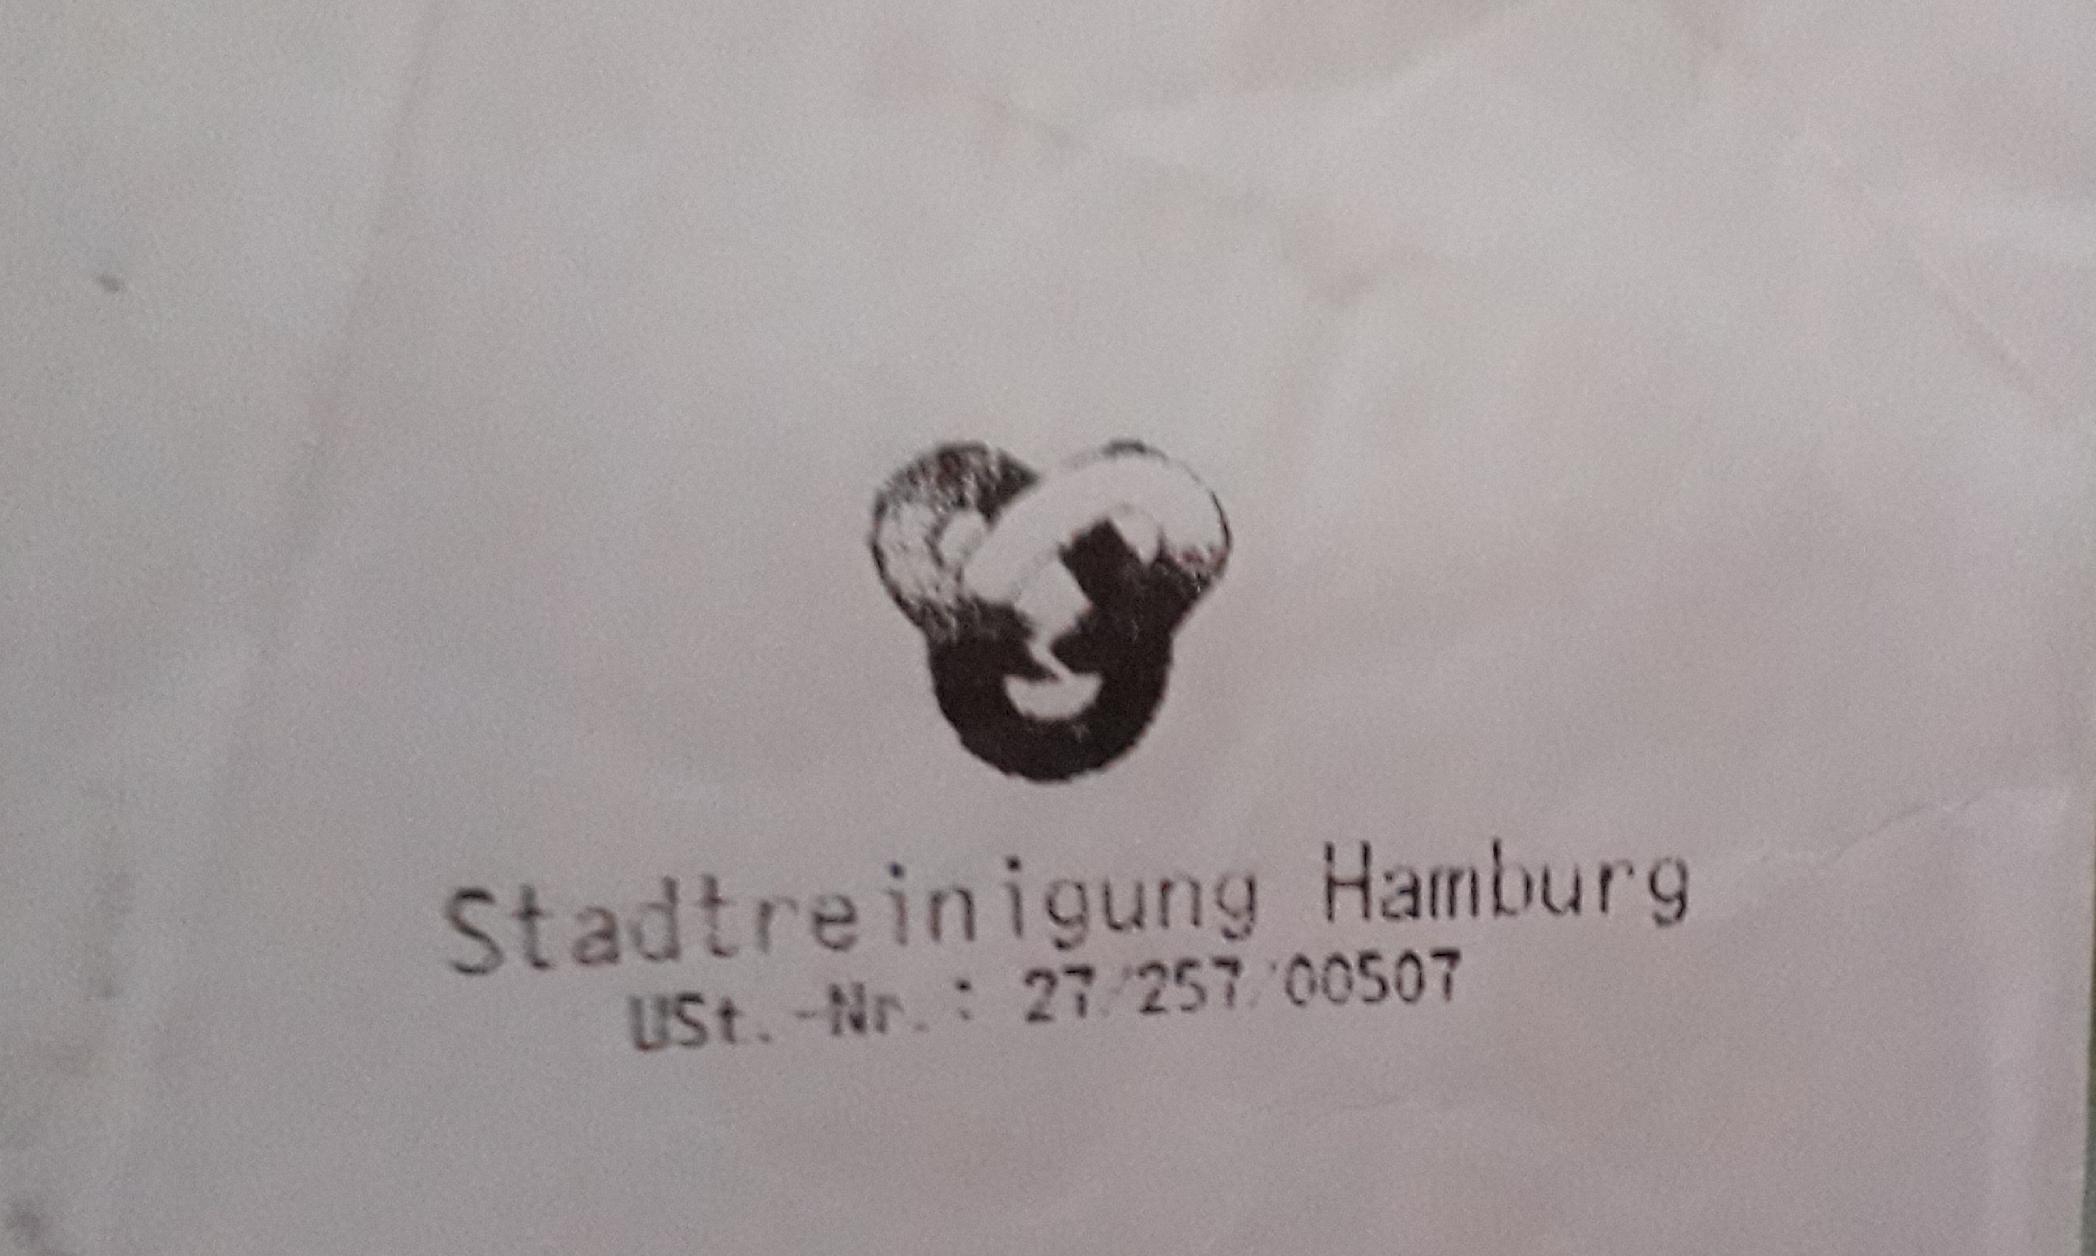 Recyclinghof Hamburg Harburg 21079 Hamburg Neuland öffnungszeiten